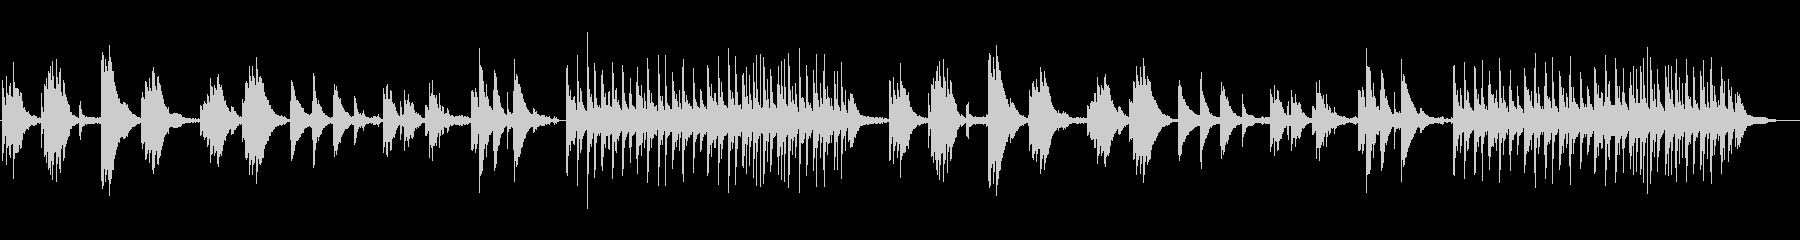 鳥の声と環境音楽のオープンワールド風の未再生の波形